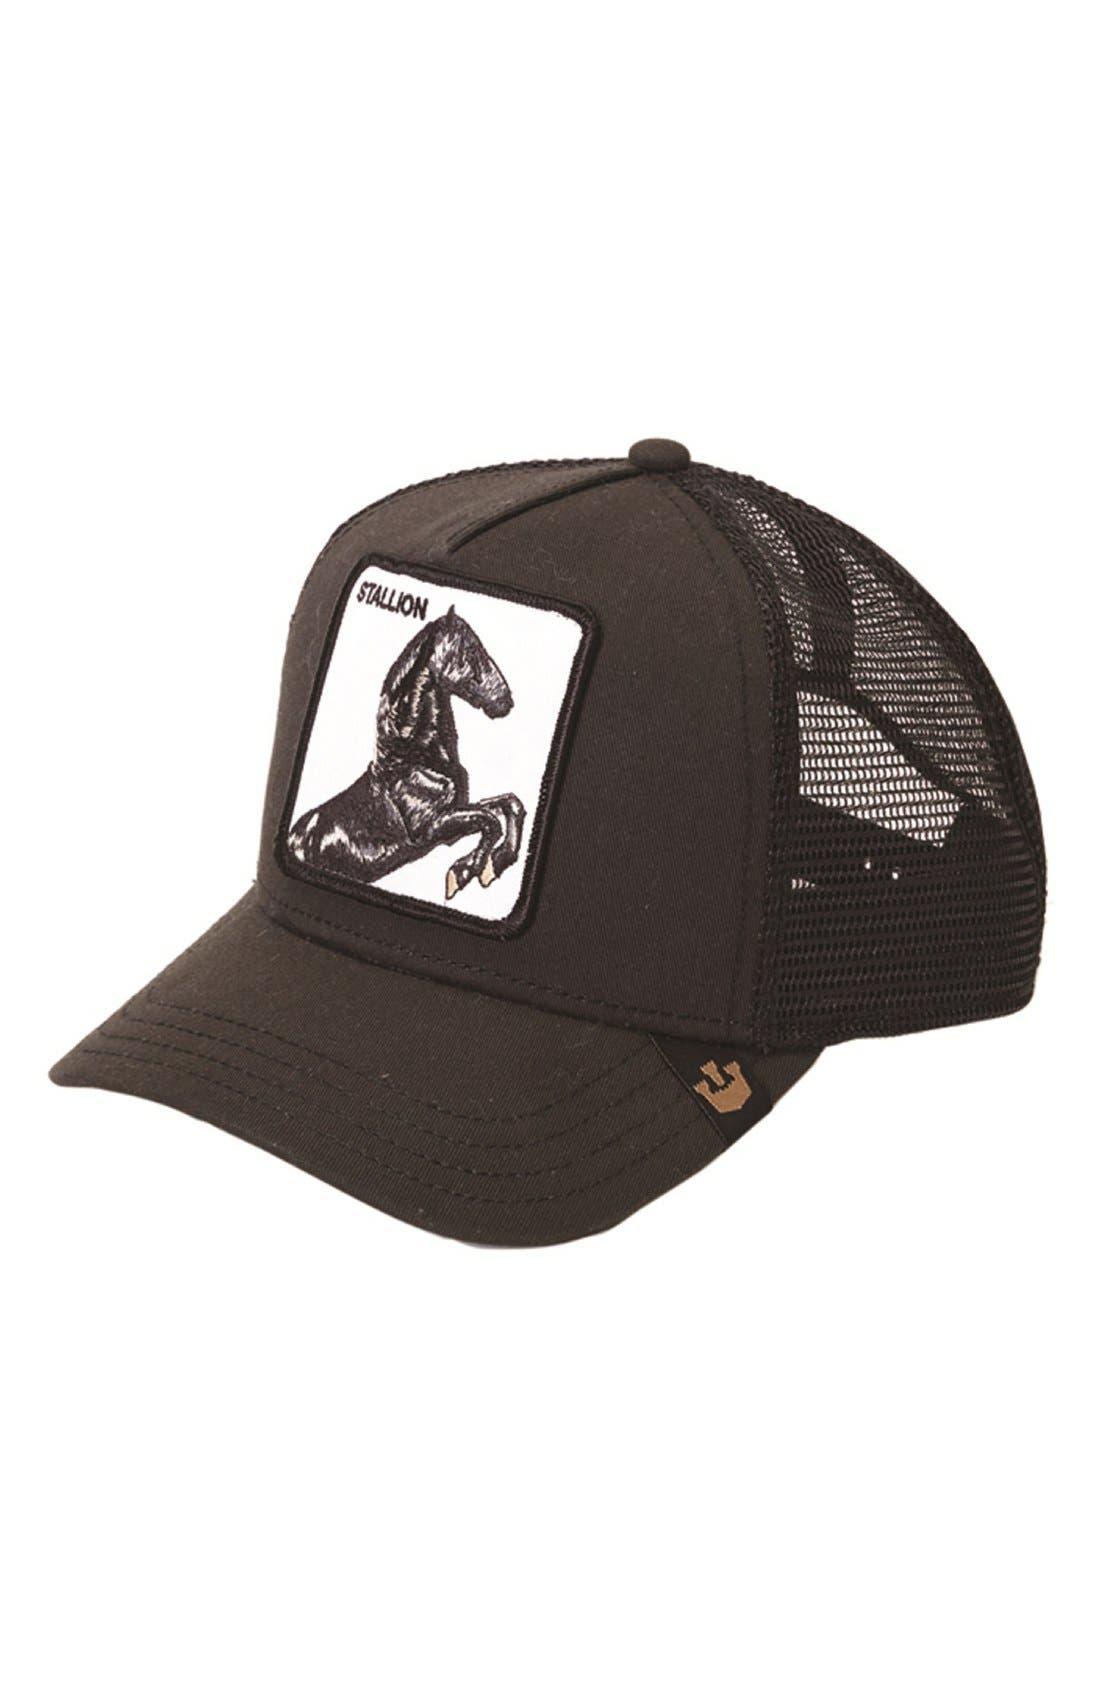 Goorin Brothers 'Stallion' Trucker Hat